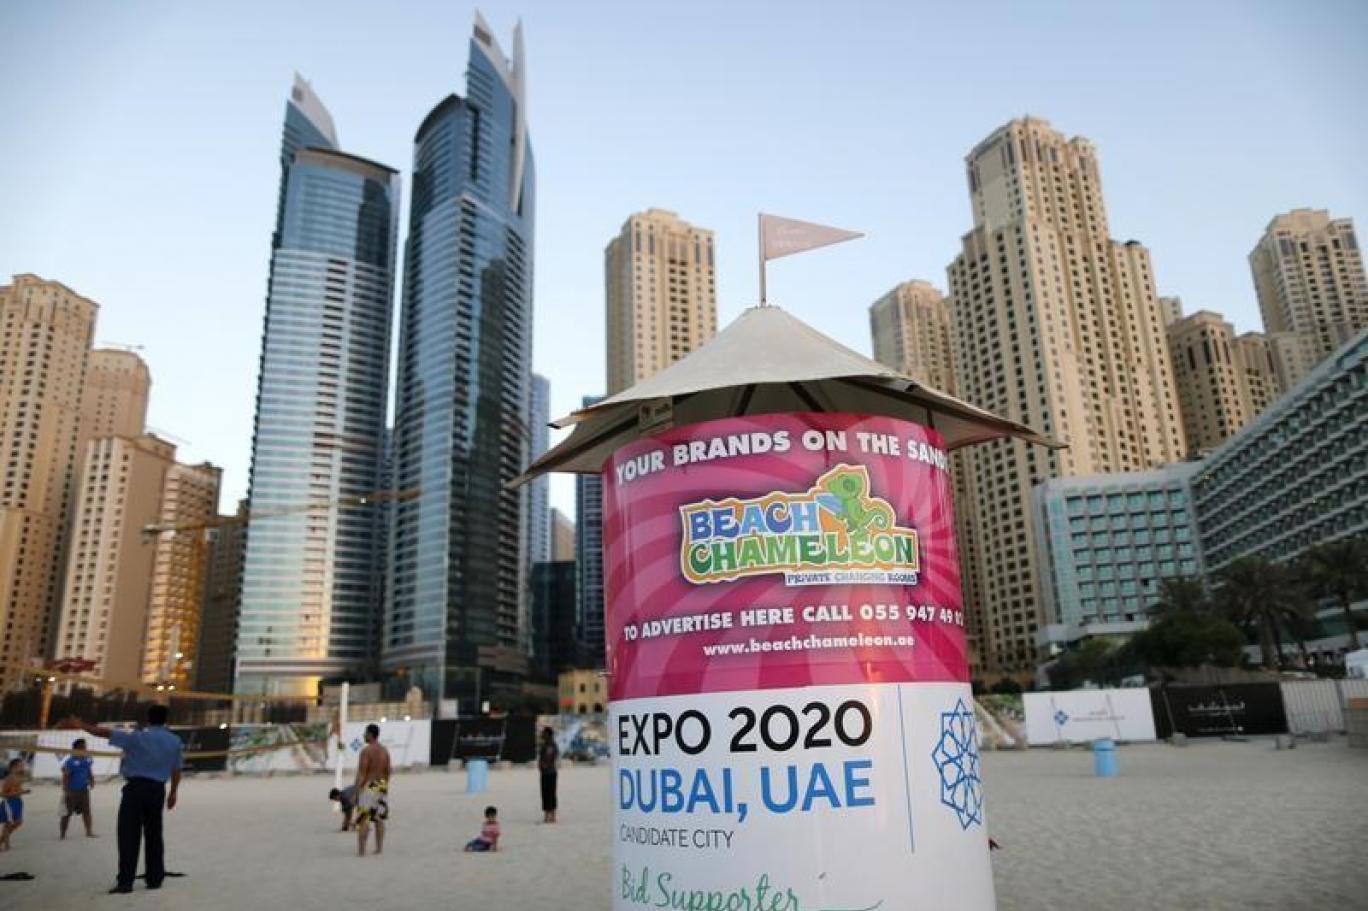 إكسبو دبي بوابة للكيان الإسرائيلي إلى تطبيع العلاقات مع العالم العربي